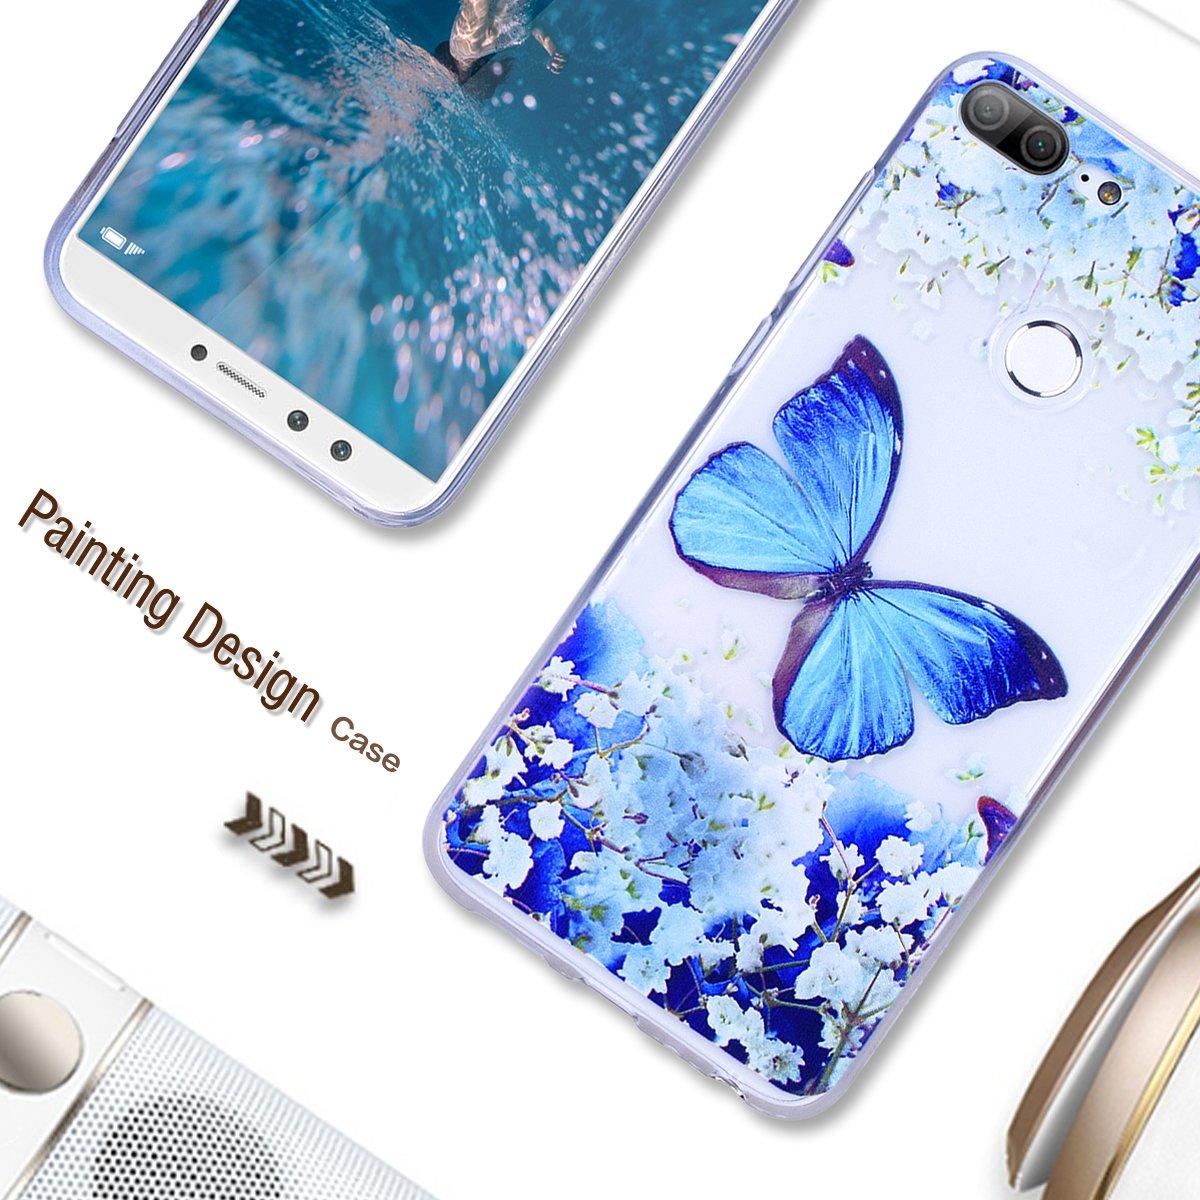 Yokata Kompatibel mit Huawei Honor 9 Lite H/ülle Silikon Transparent Durchsichtig Handyh/ülle Schutzh/ülle TPU D/ünn Slim Kratzfest mit Motiv 3 Pack Mandala M/ädchen und Schmetterling Windm/ühle